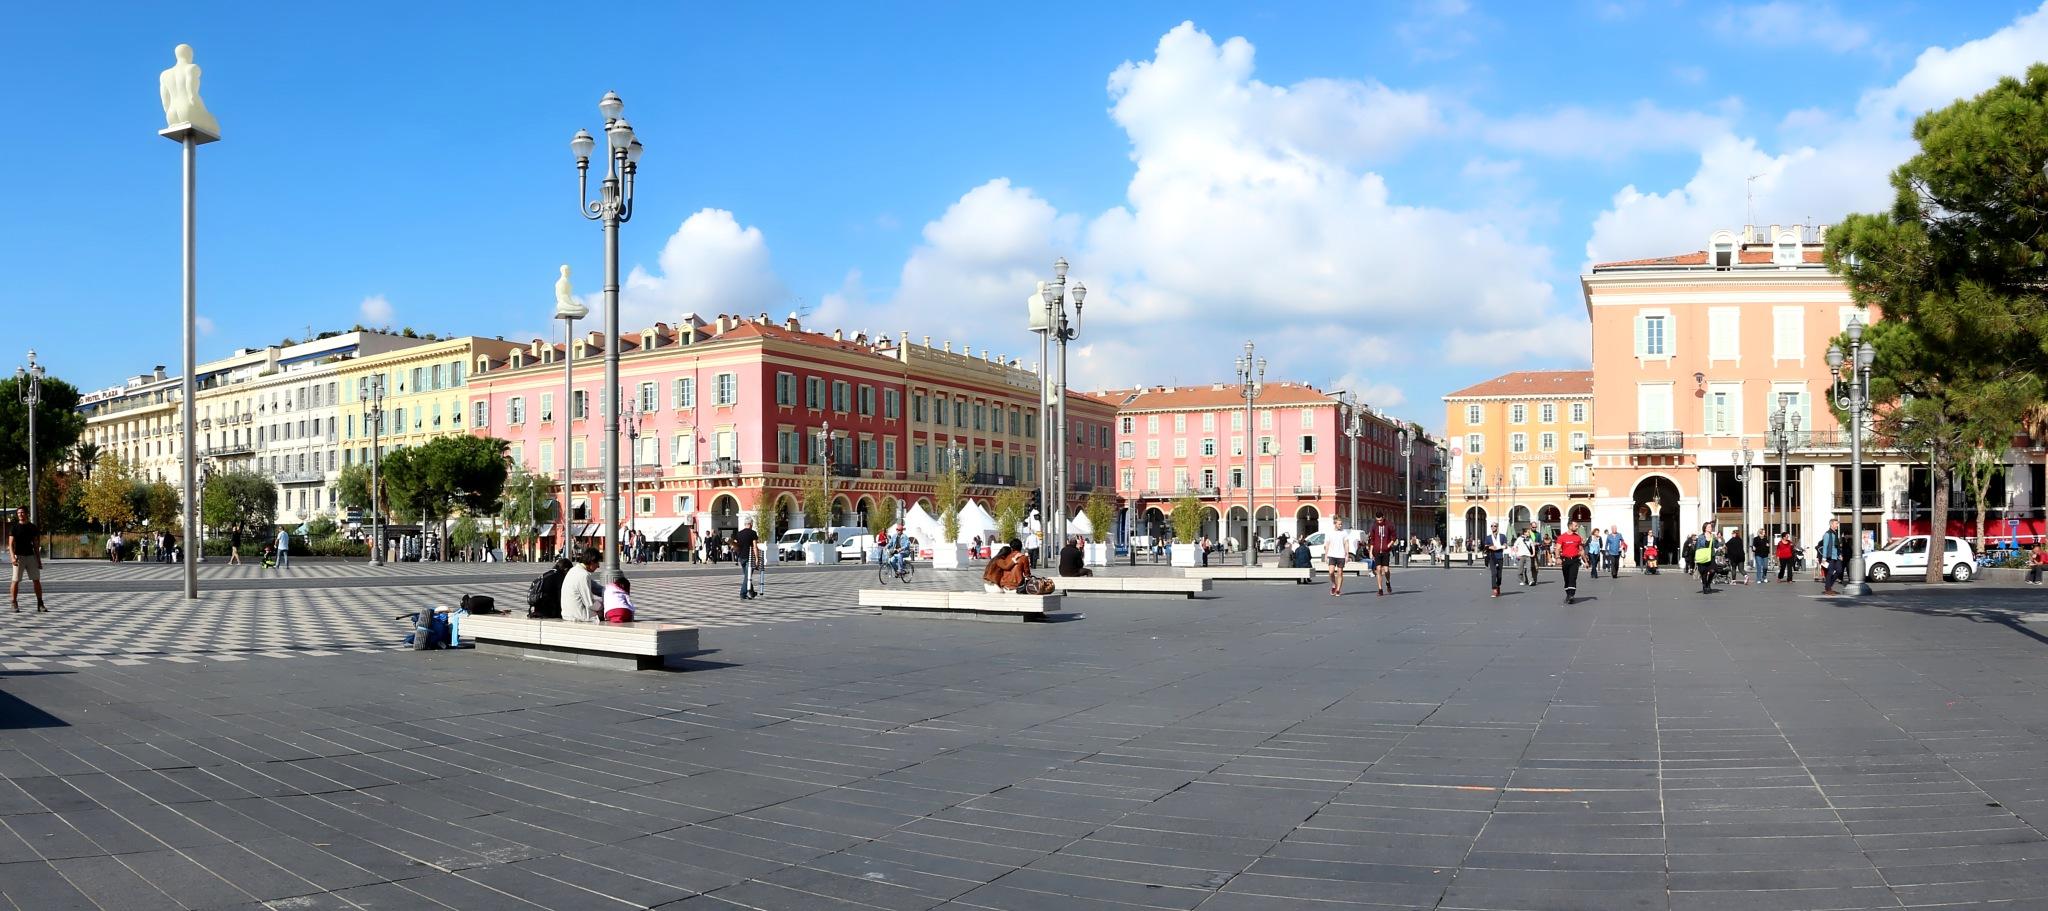 Place Masséna, Nice by katze